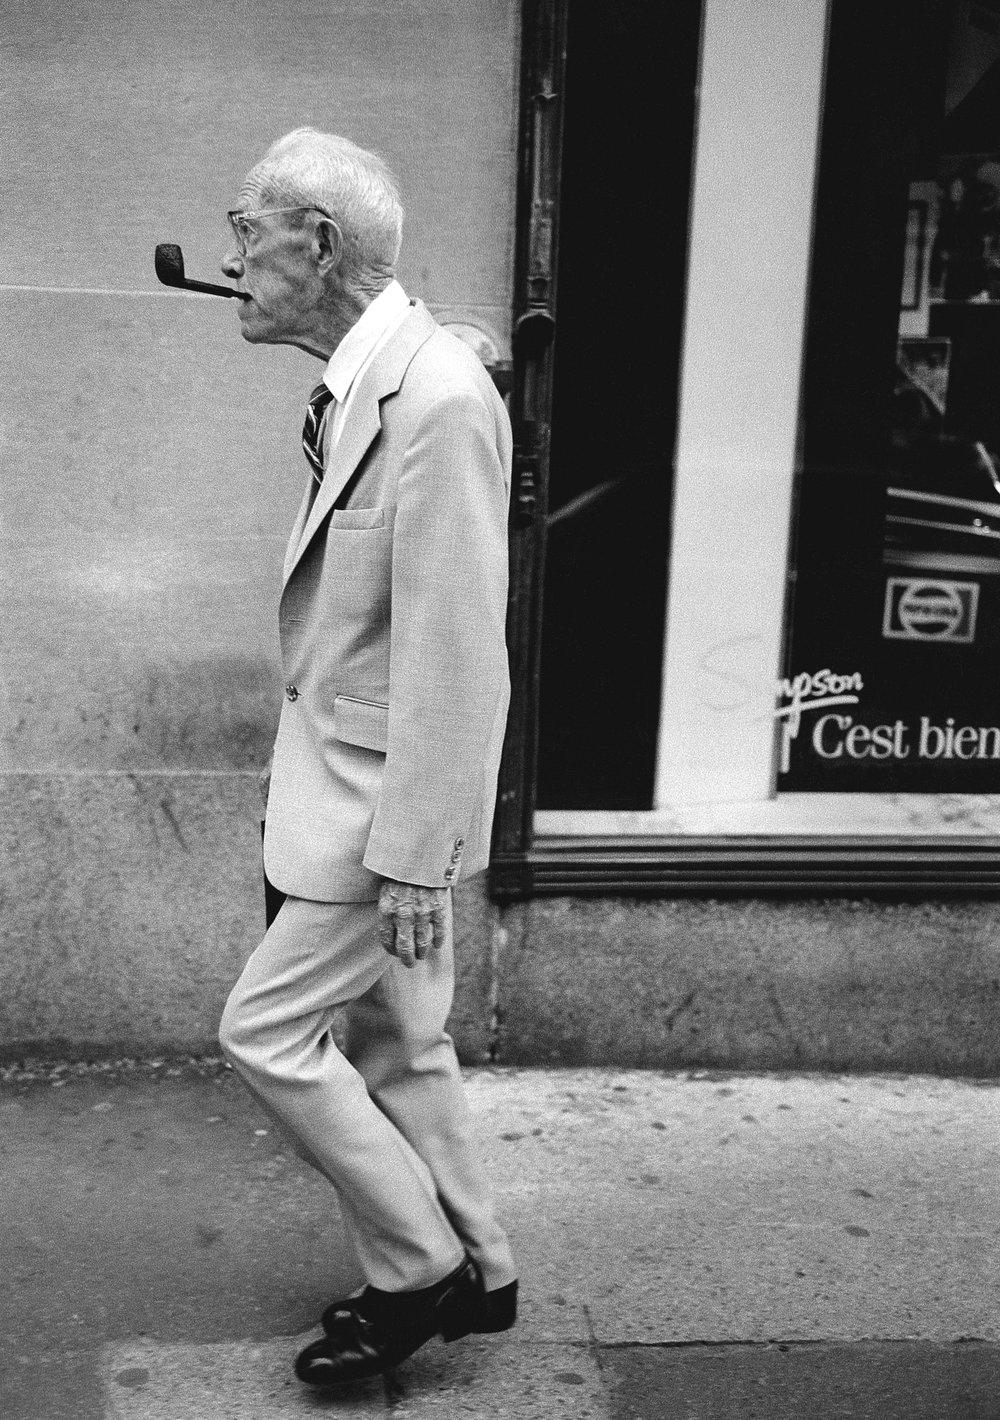 L'homme à la pipe, Montréal 1985